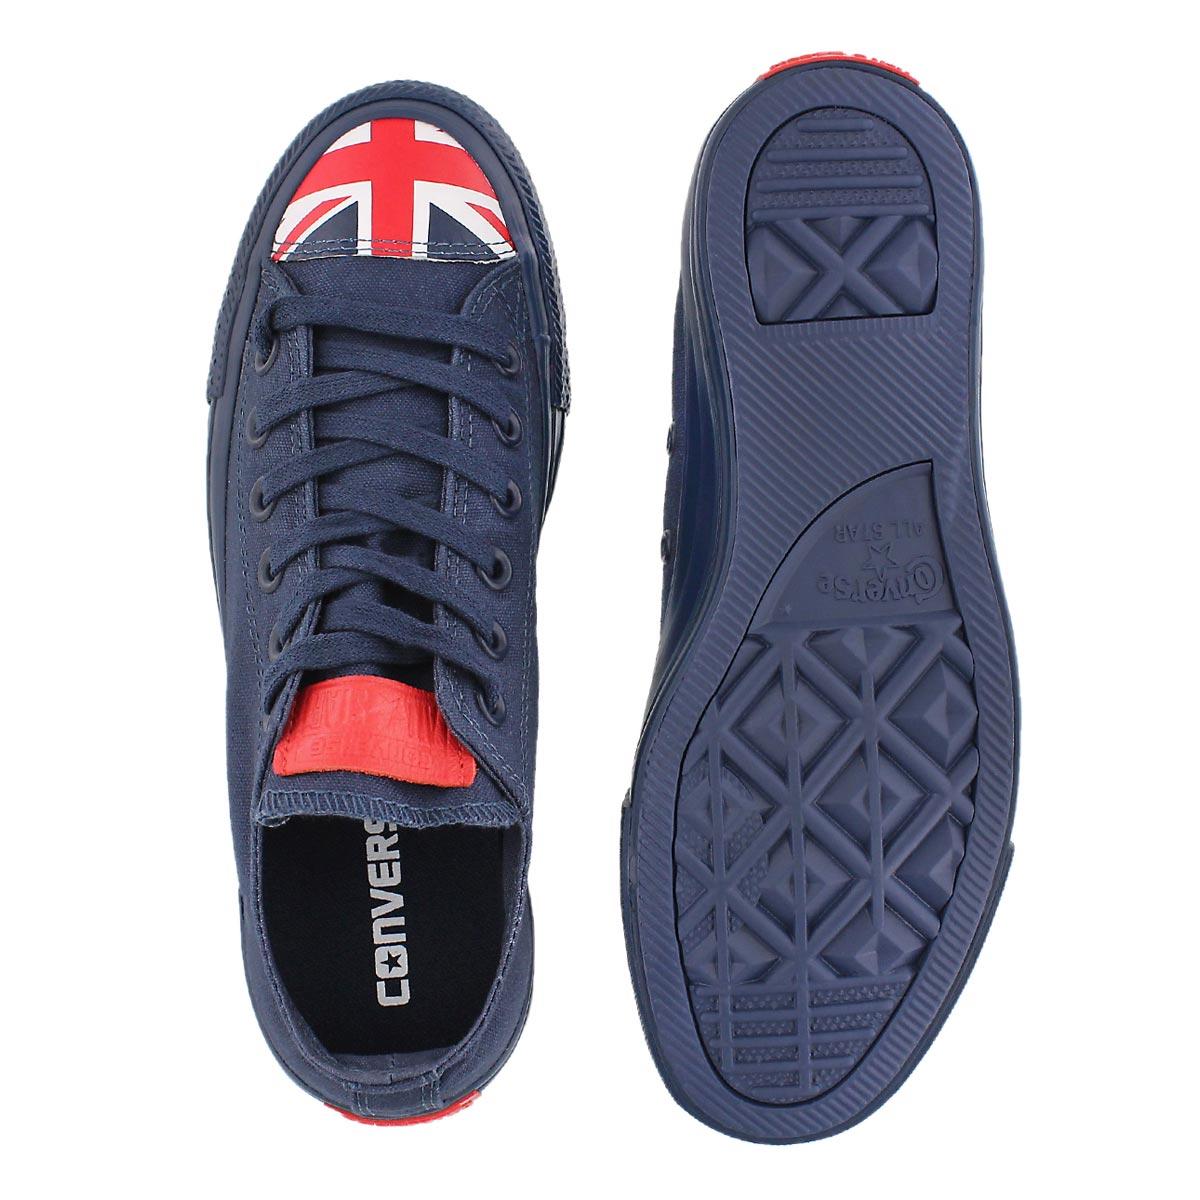 Lds CT All Star UK Flag nvy sneaker